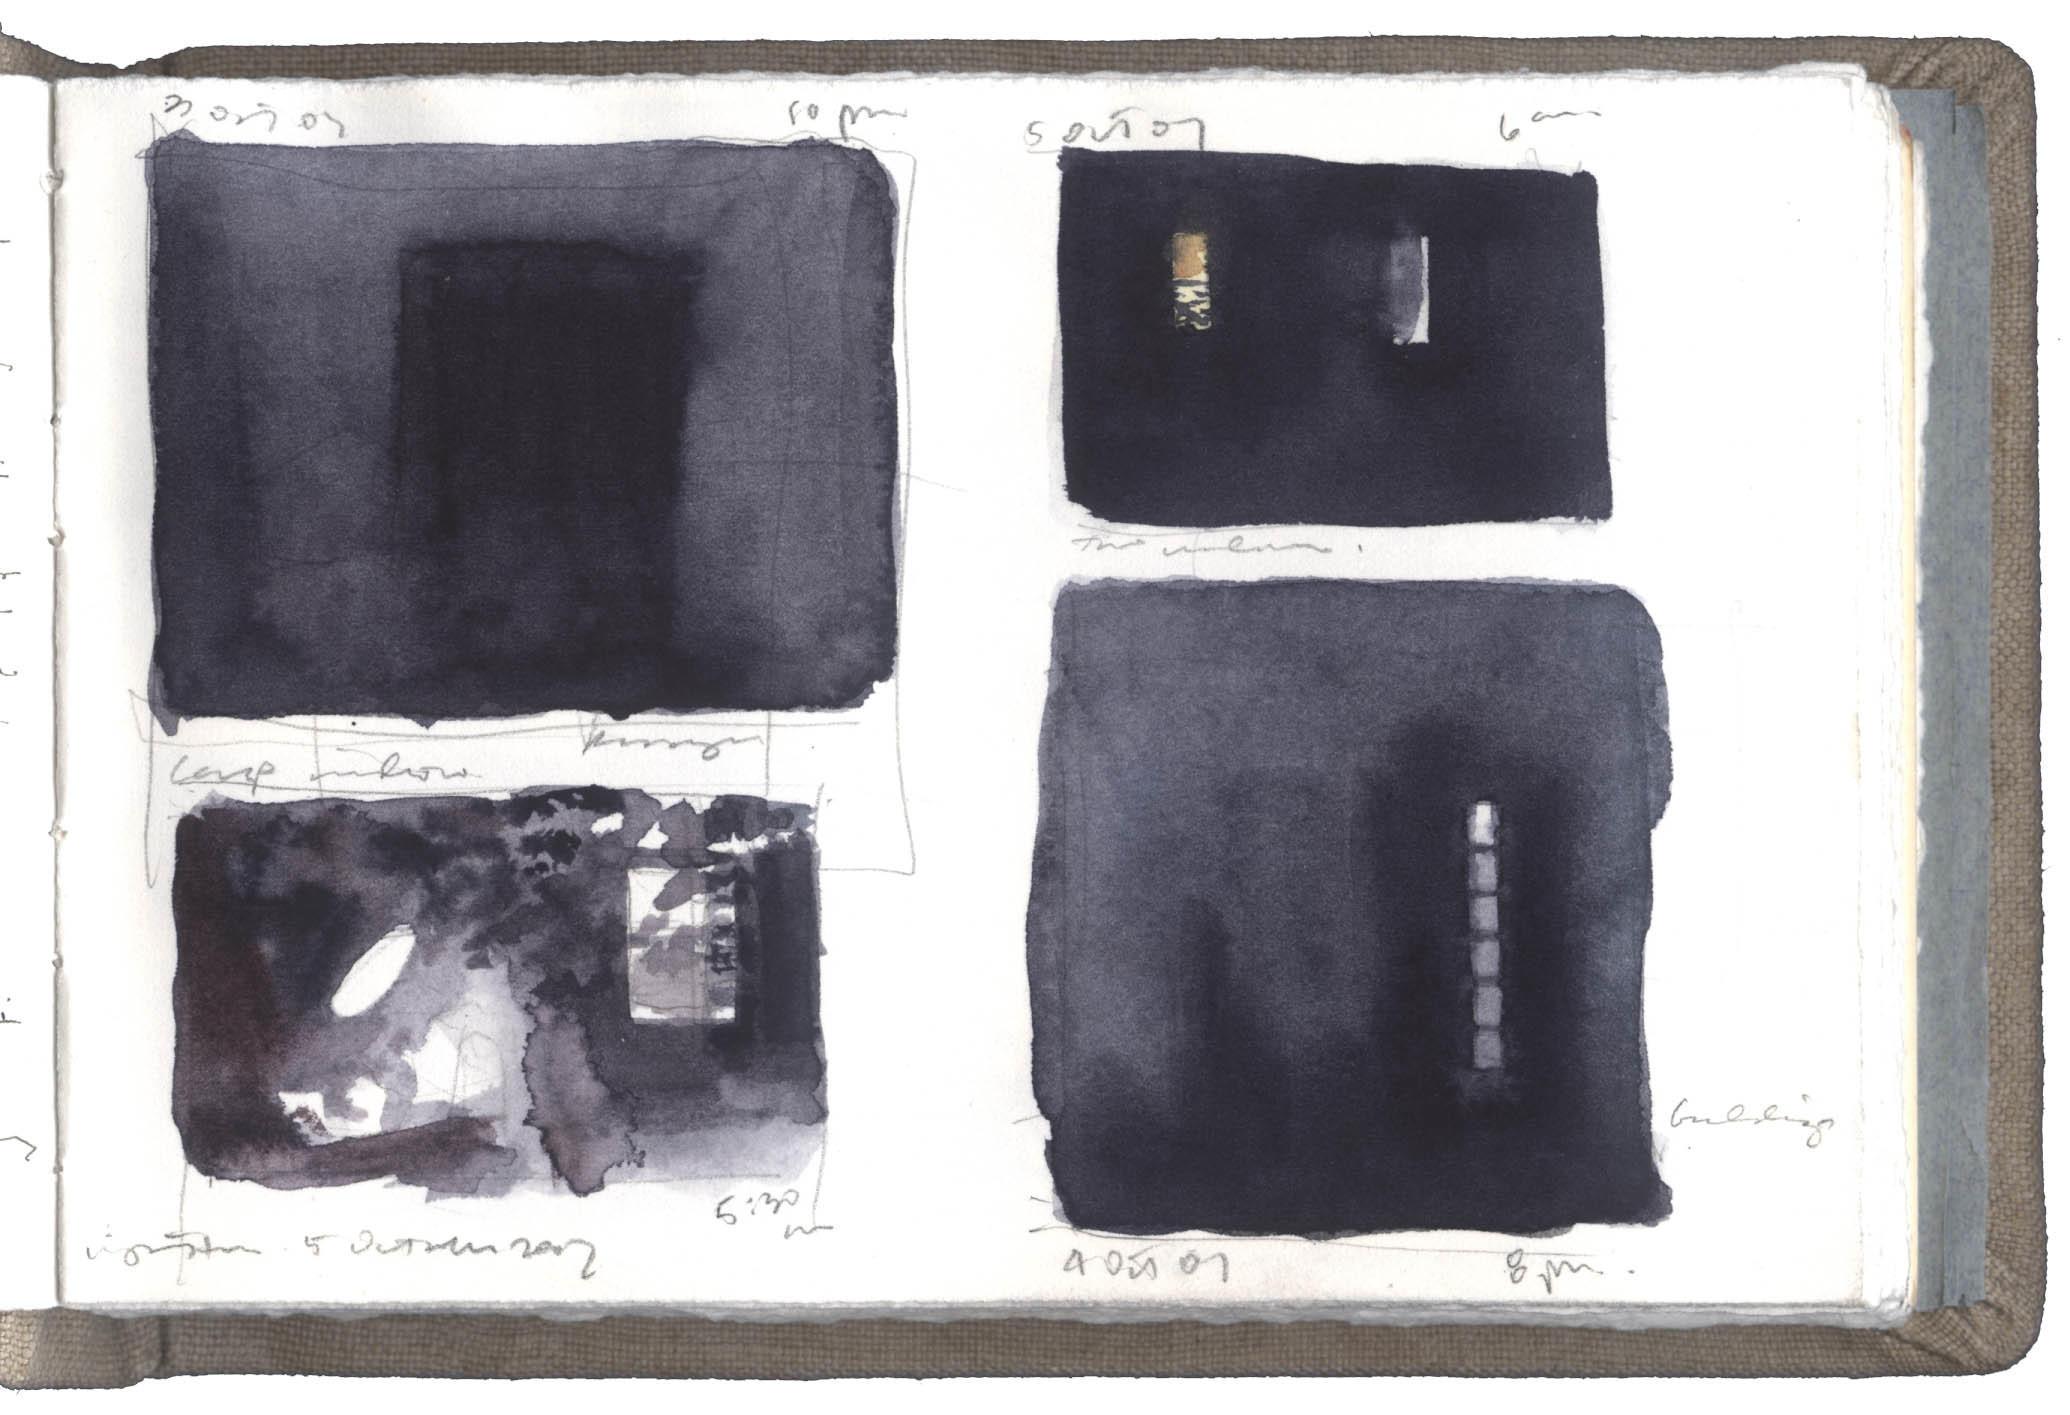 Four Vignettes image